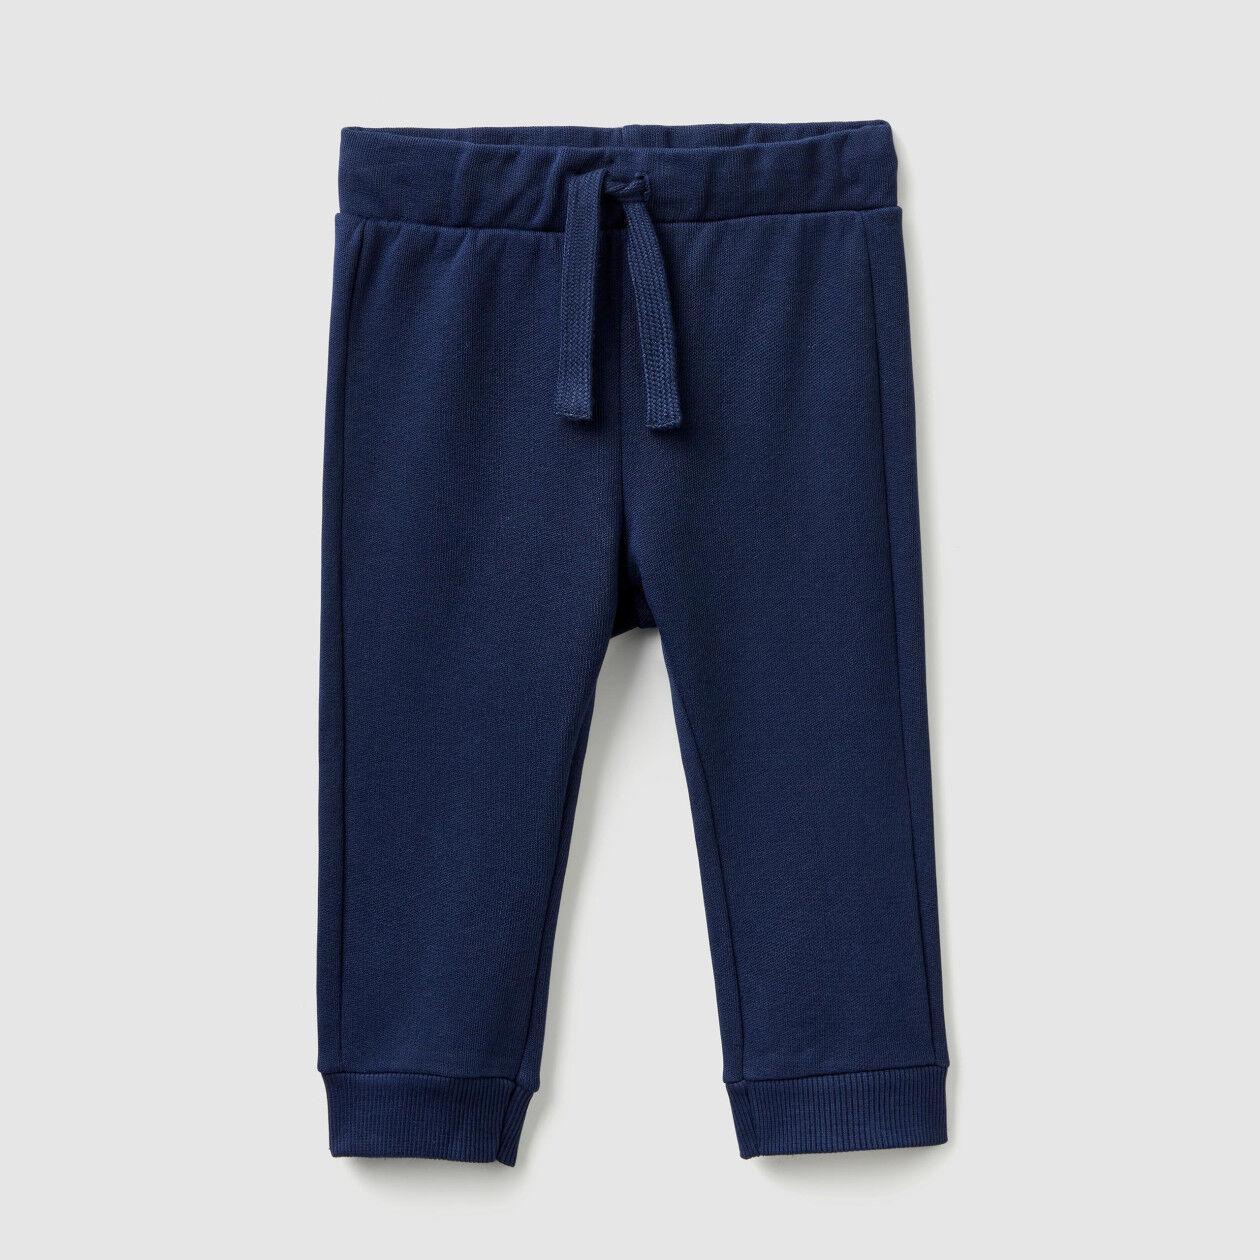 Pantaloni joggers con coulisse